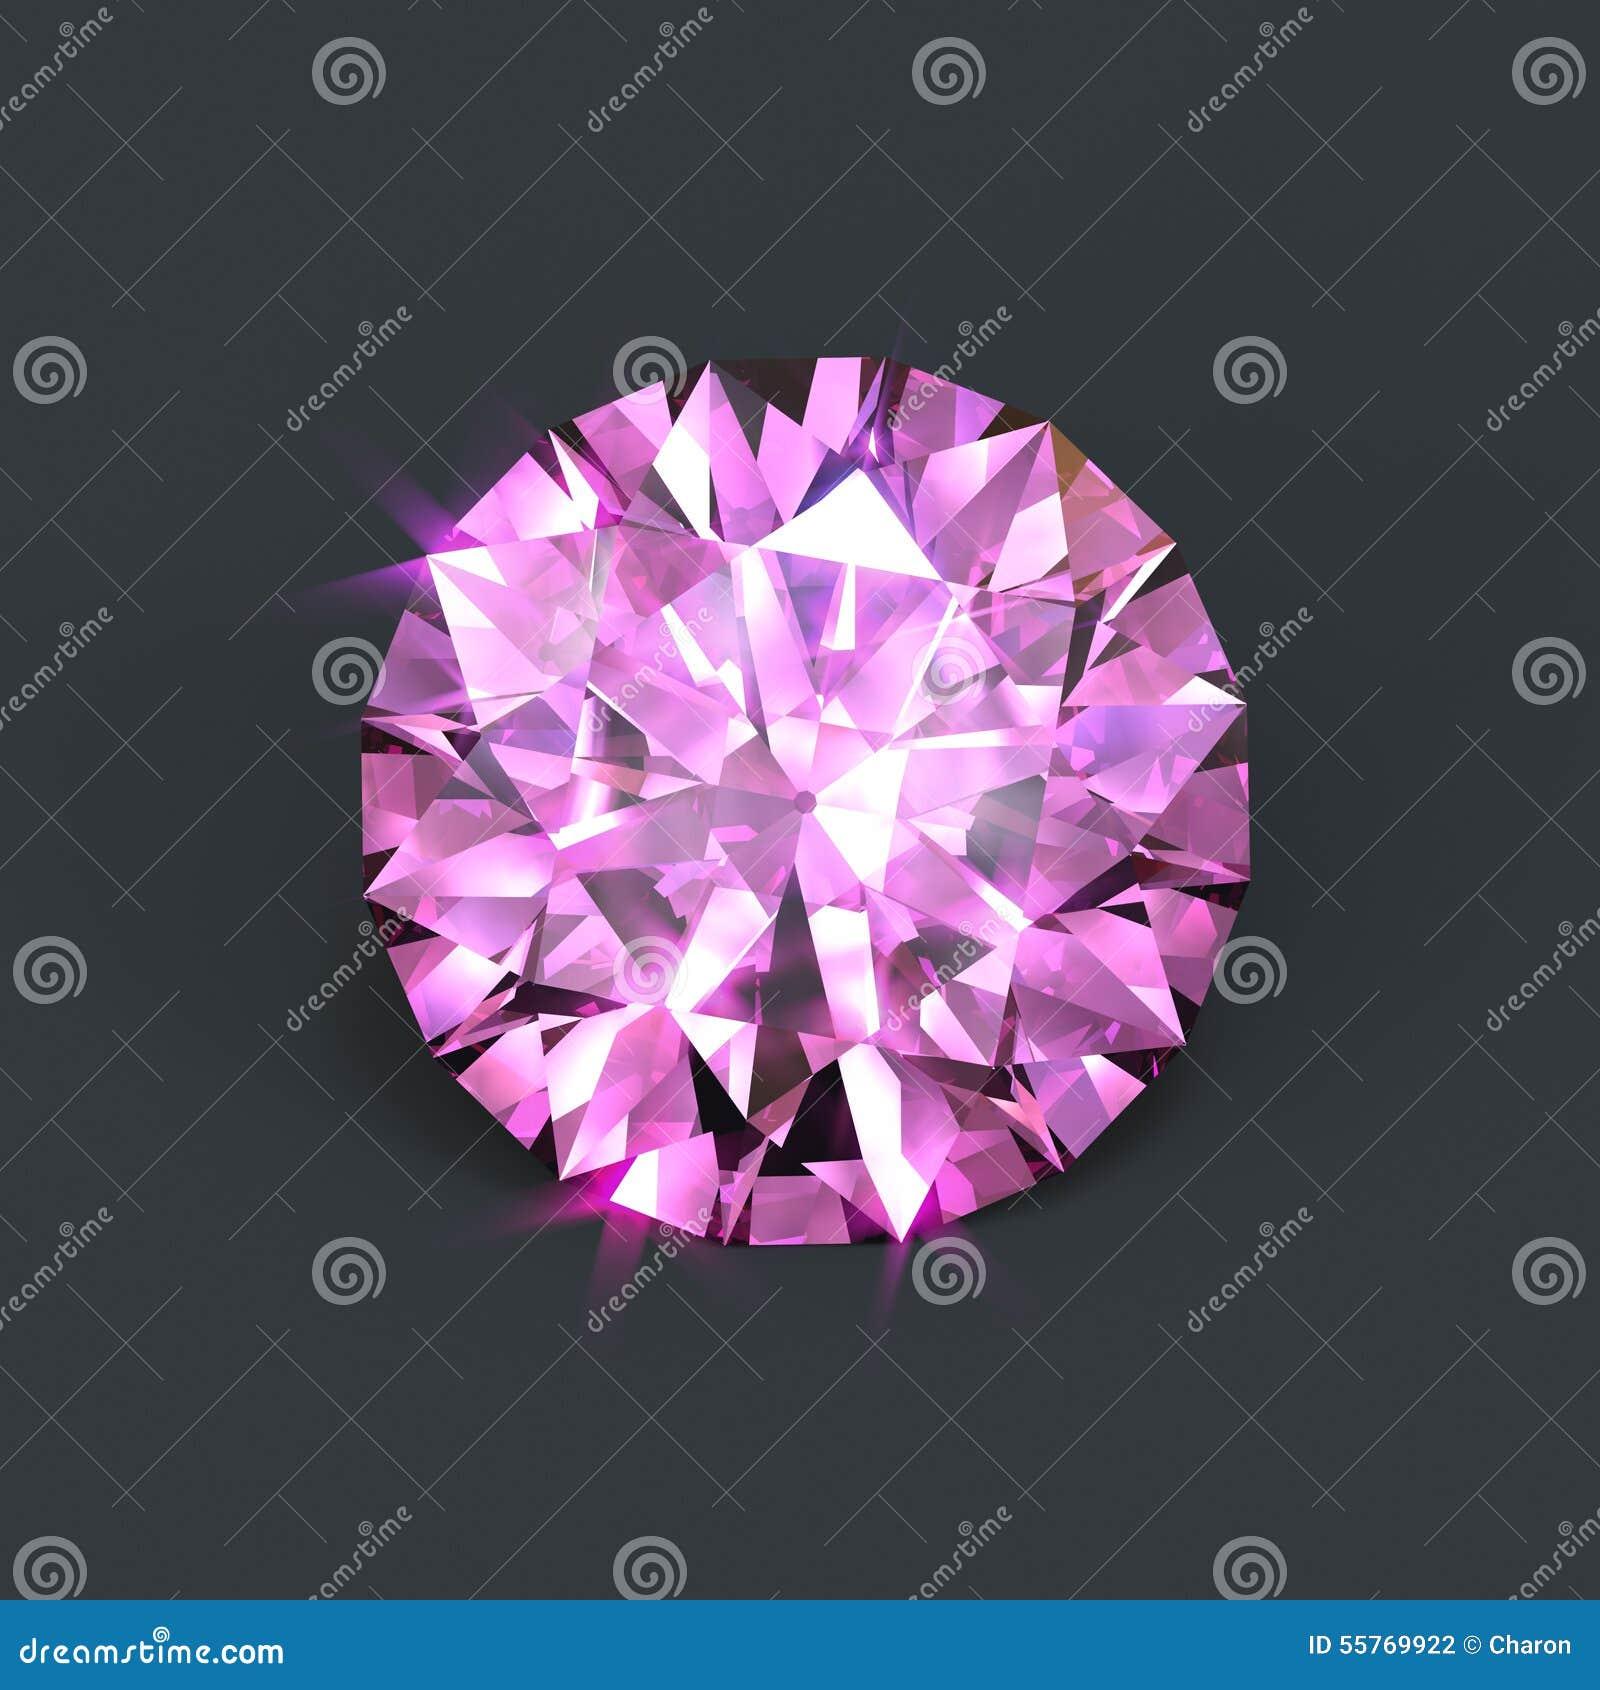 Diamond Stock Illustrations – 167,449 Diamond Stock Illustrations ...